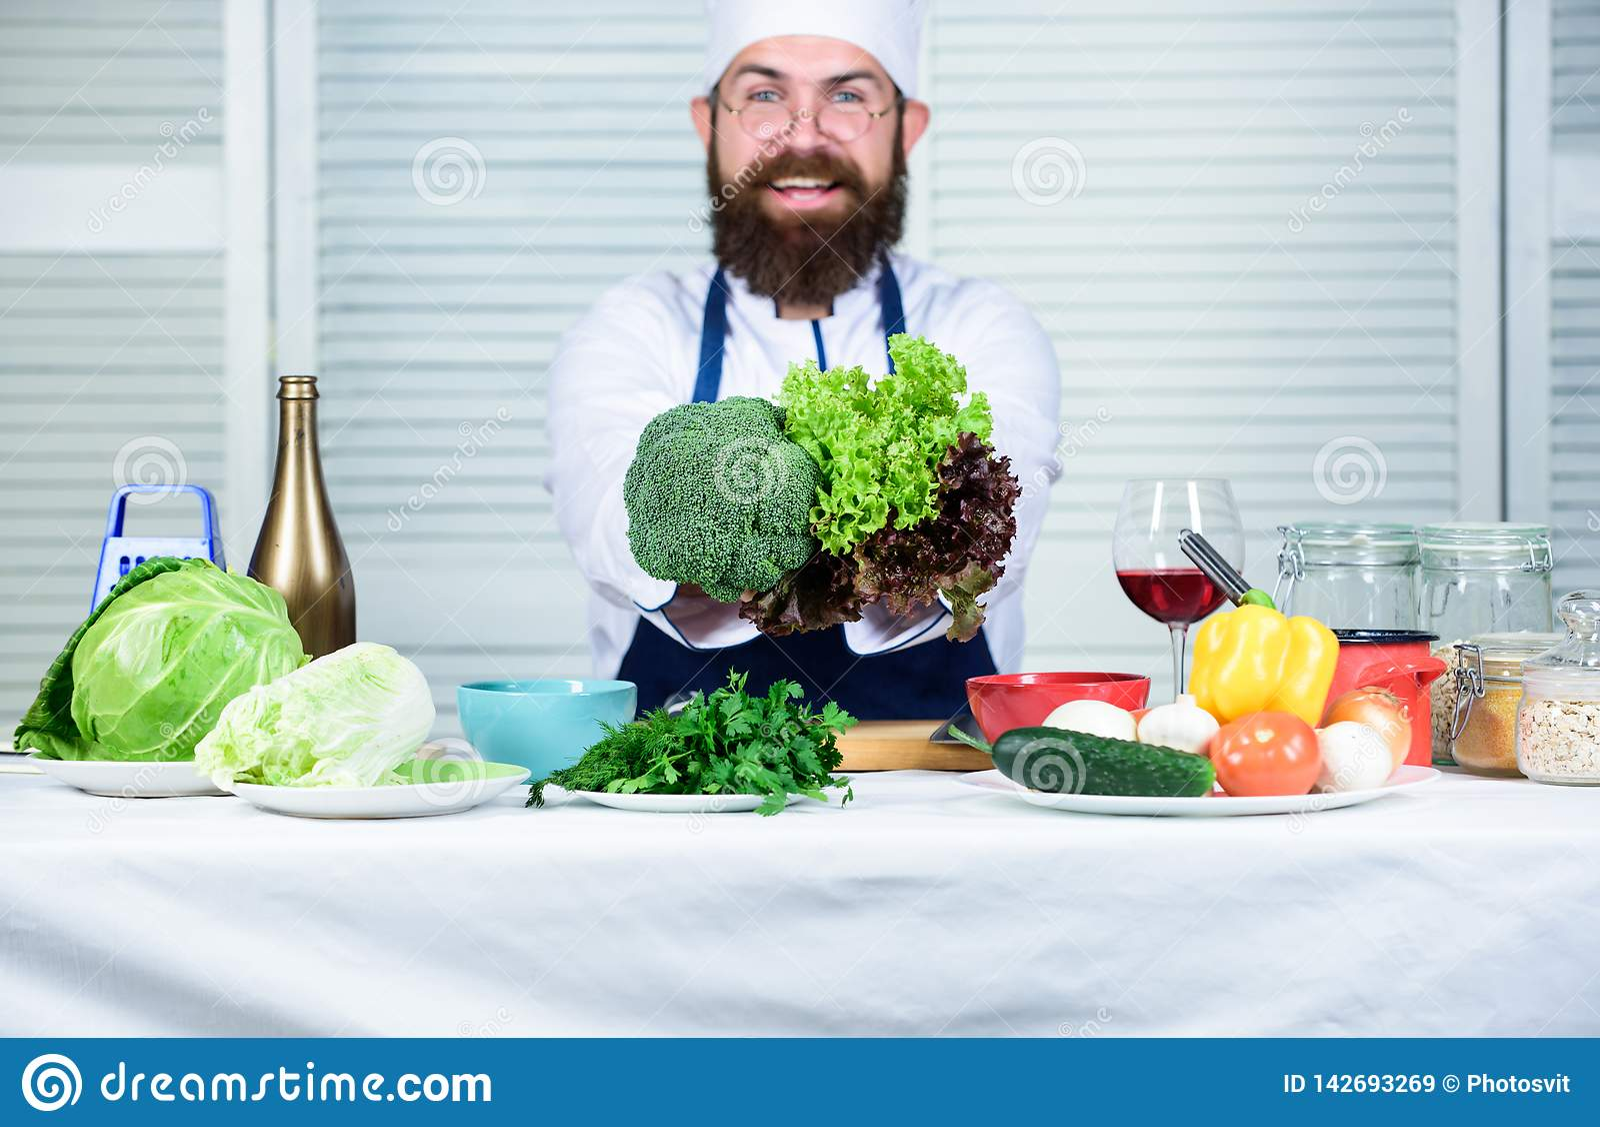 健康素食食谱 人厨师帽子和围裙举行硬花甘蓝 有机蔬菜 概念健康营养 博若莱红葡萄酒